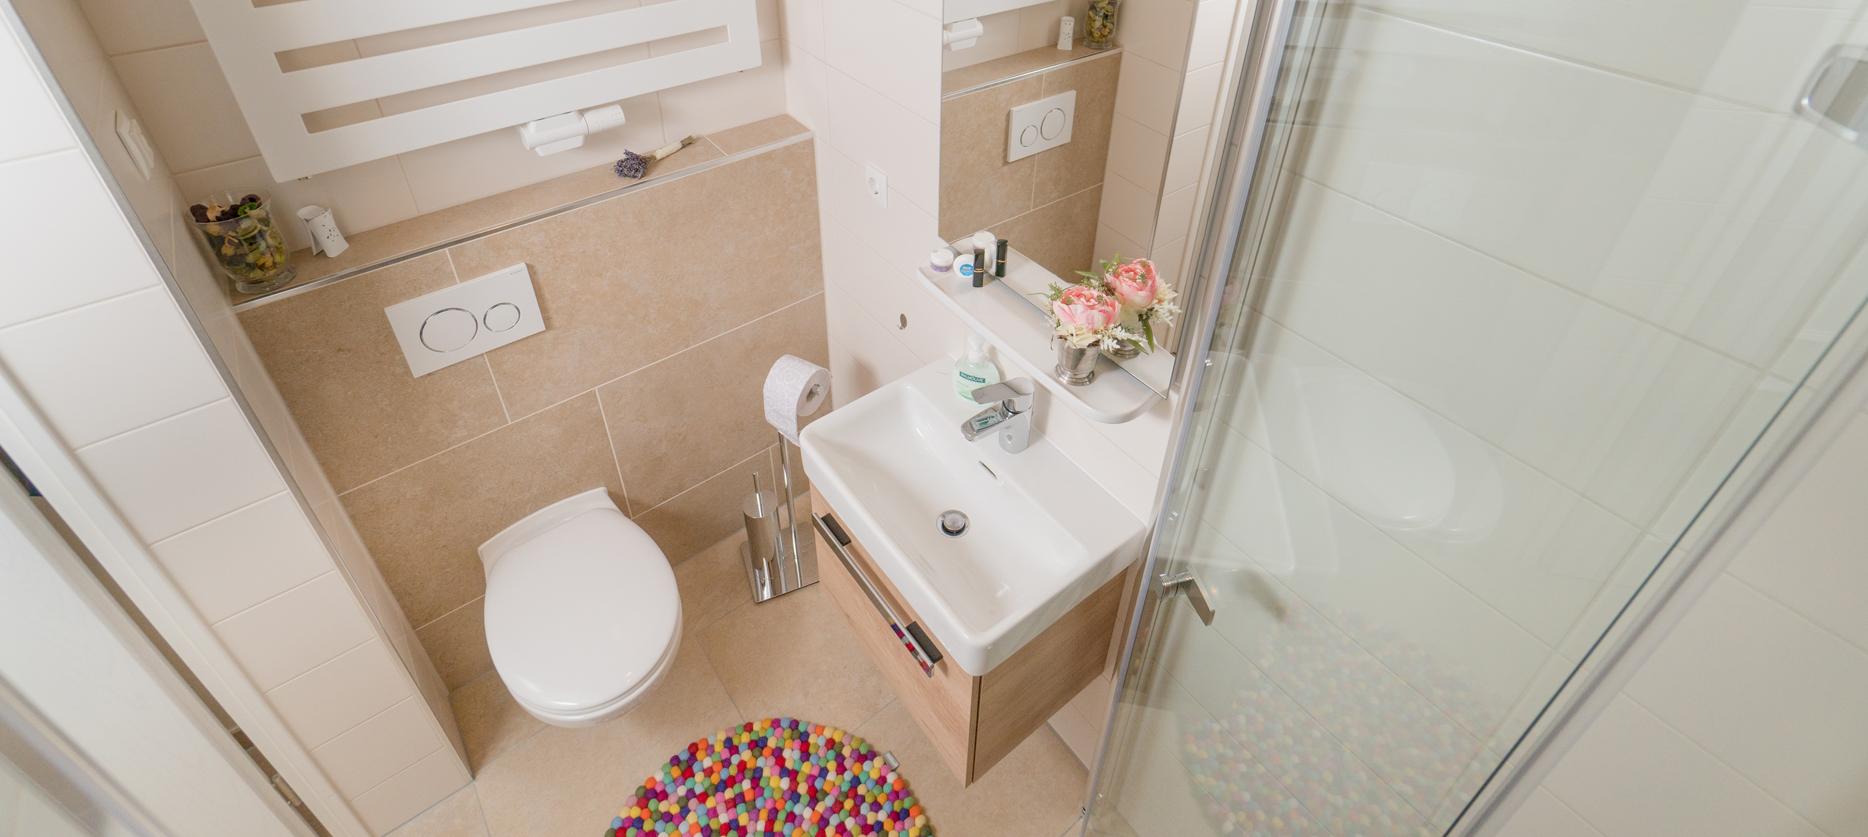 Kleines Badezimmer mit gläserner Duschkabine